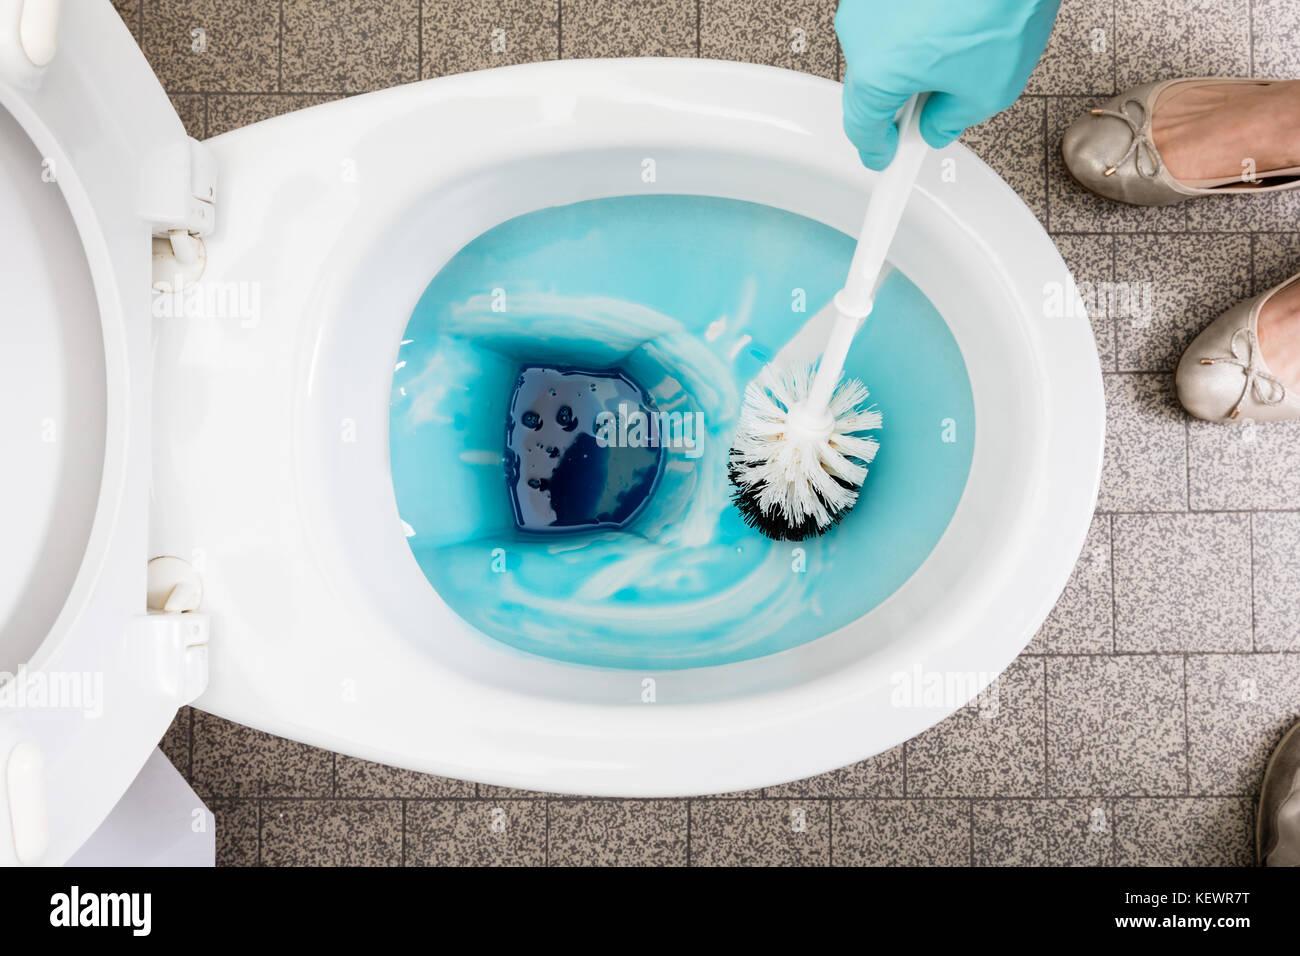 Angolo di alta vista di una persona in grado di pulire un bagno wc